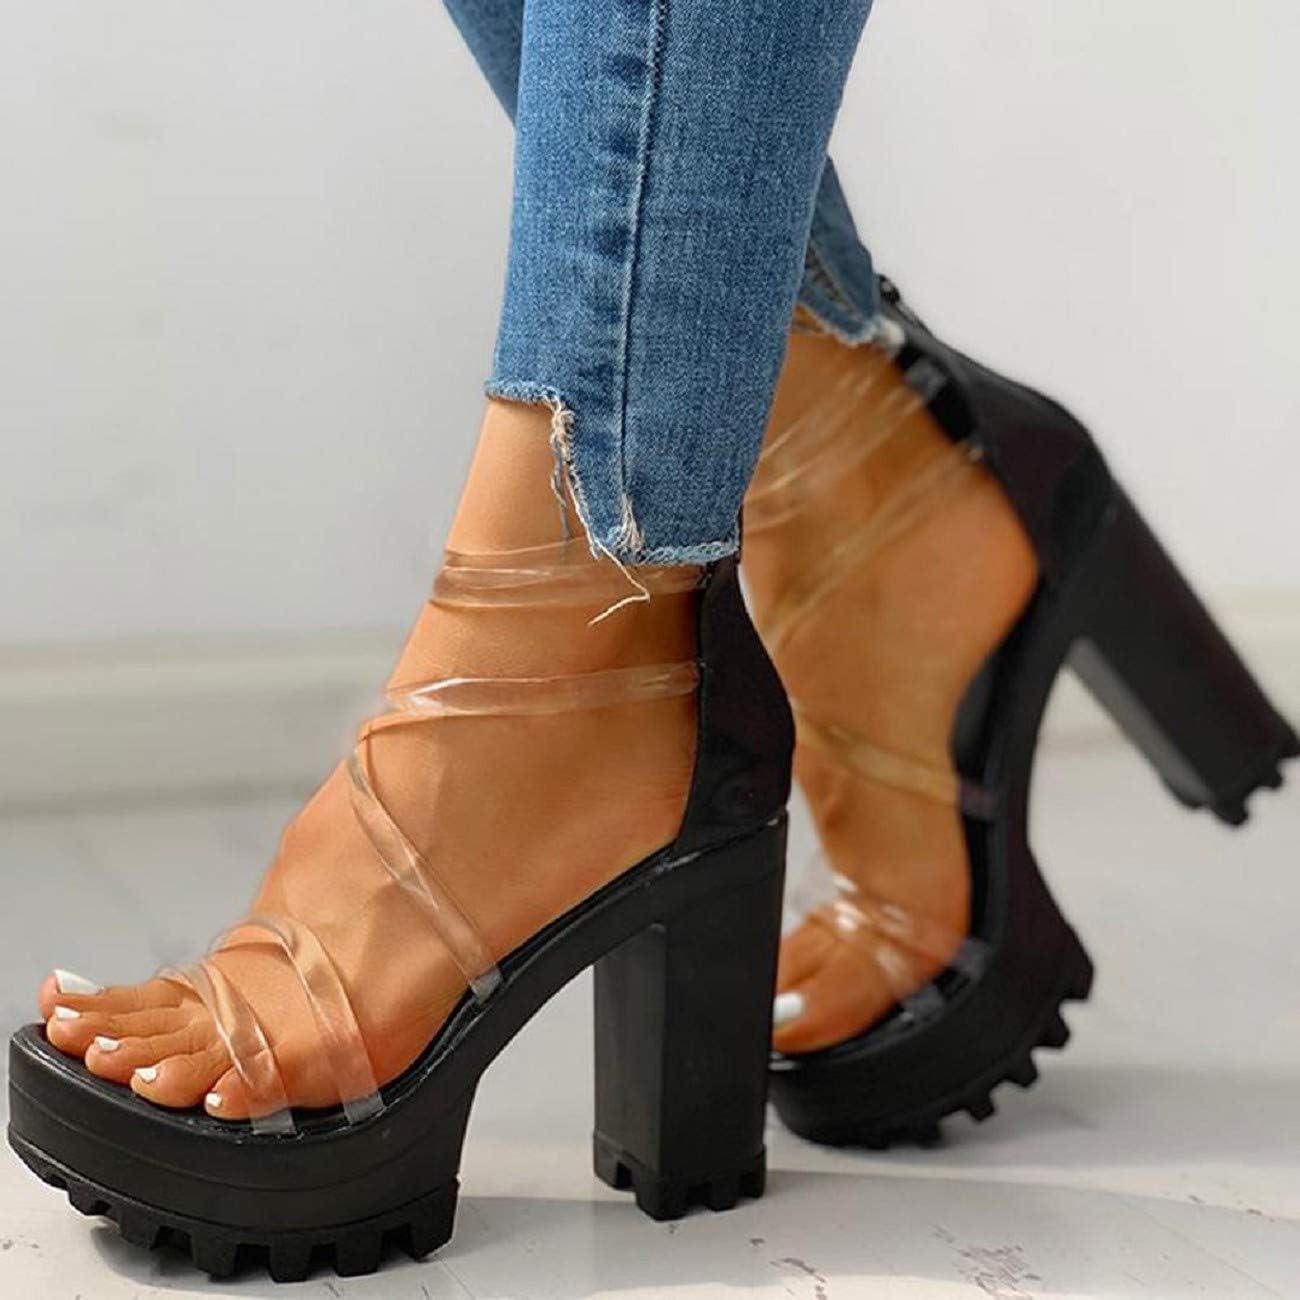 JKLING Womens Transparent Straps Sandals Chunky HIgh Heel Elegant Sandals Back Zippered Platform Shoes